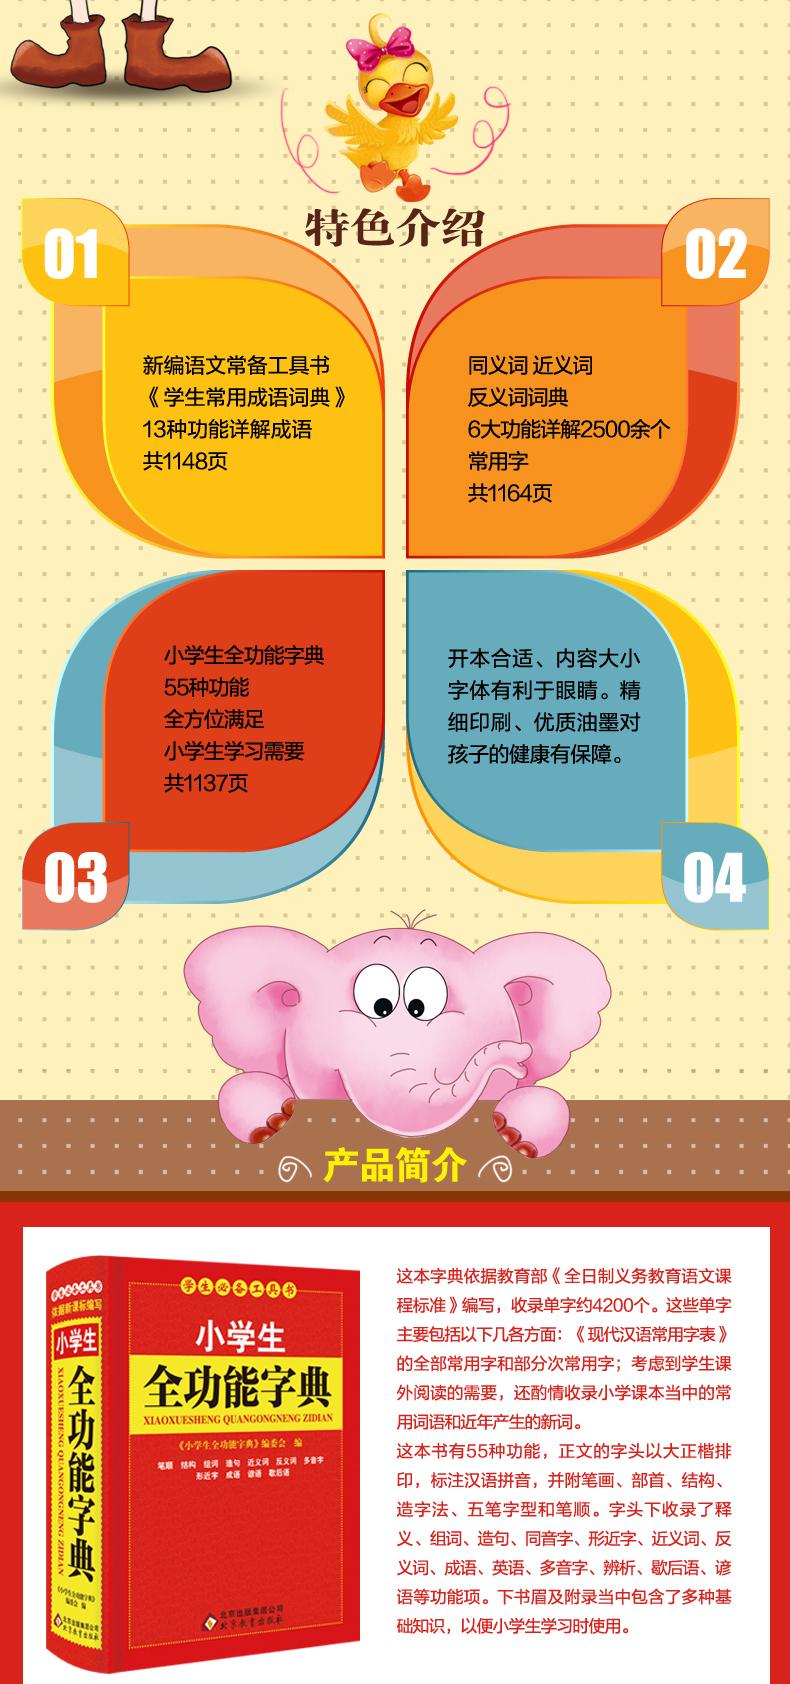 学生必备工具书-红面_03.jpg